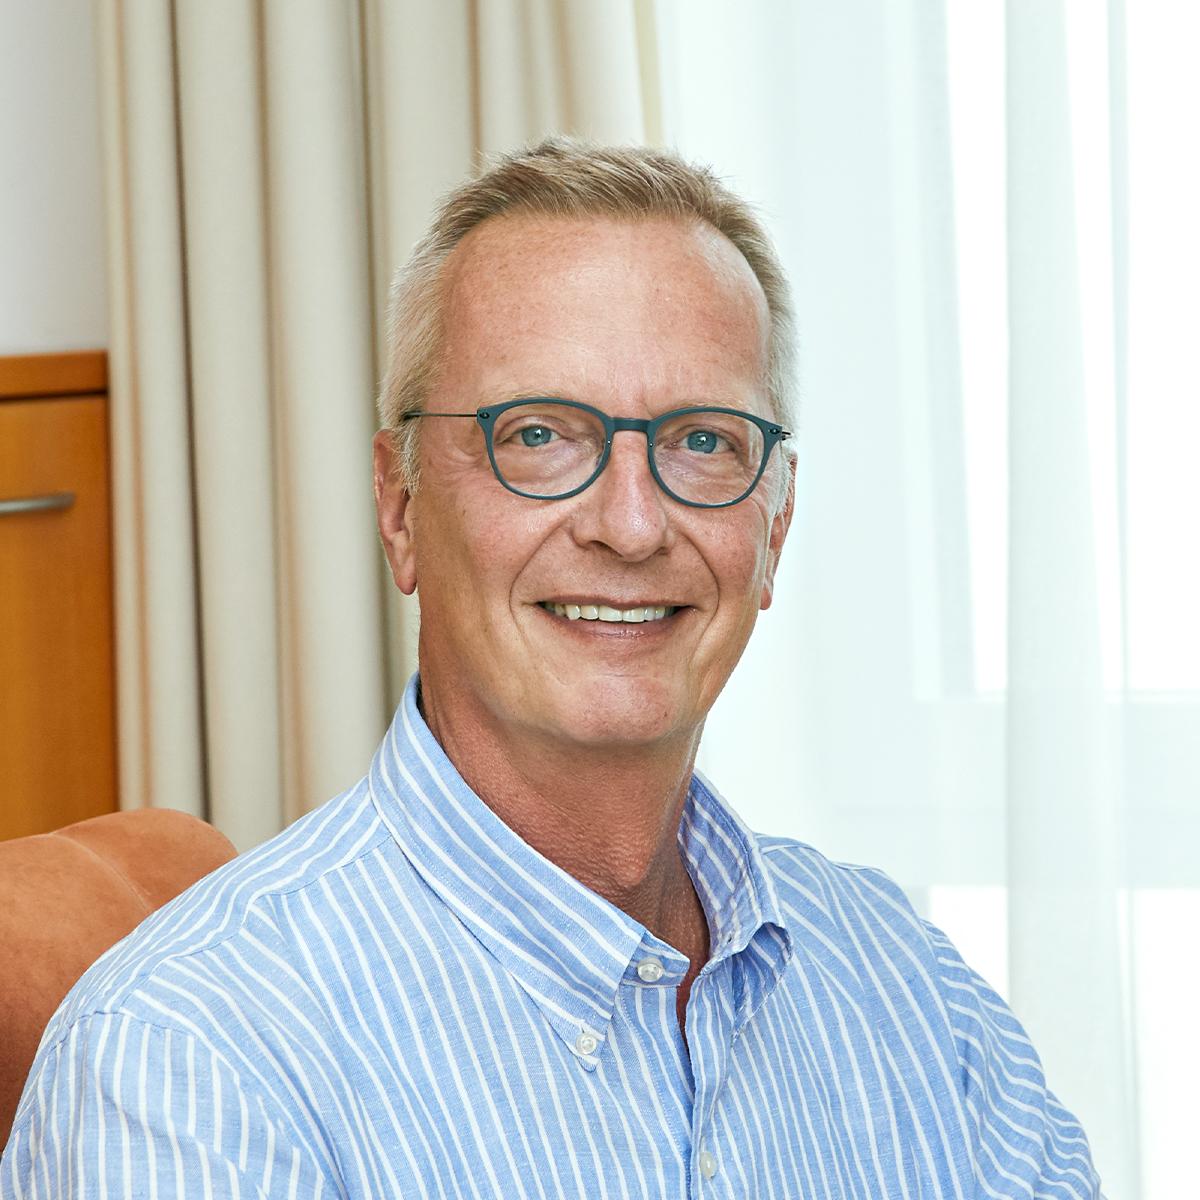 Dr. Stefan Greven